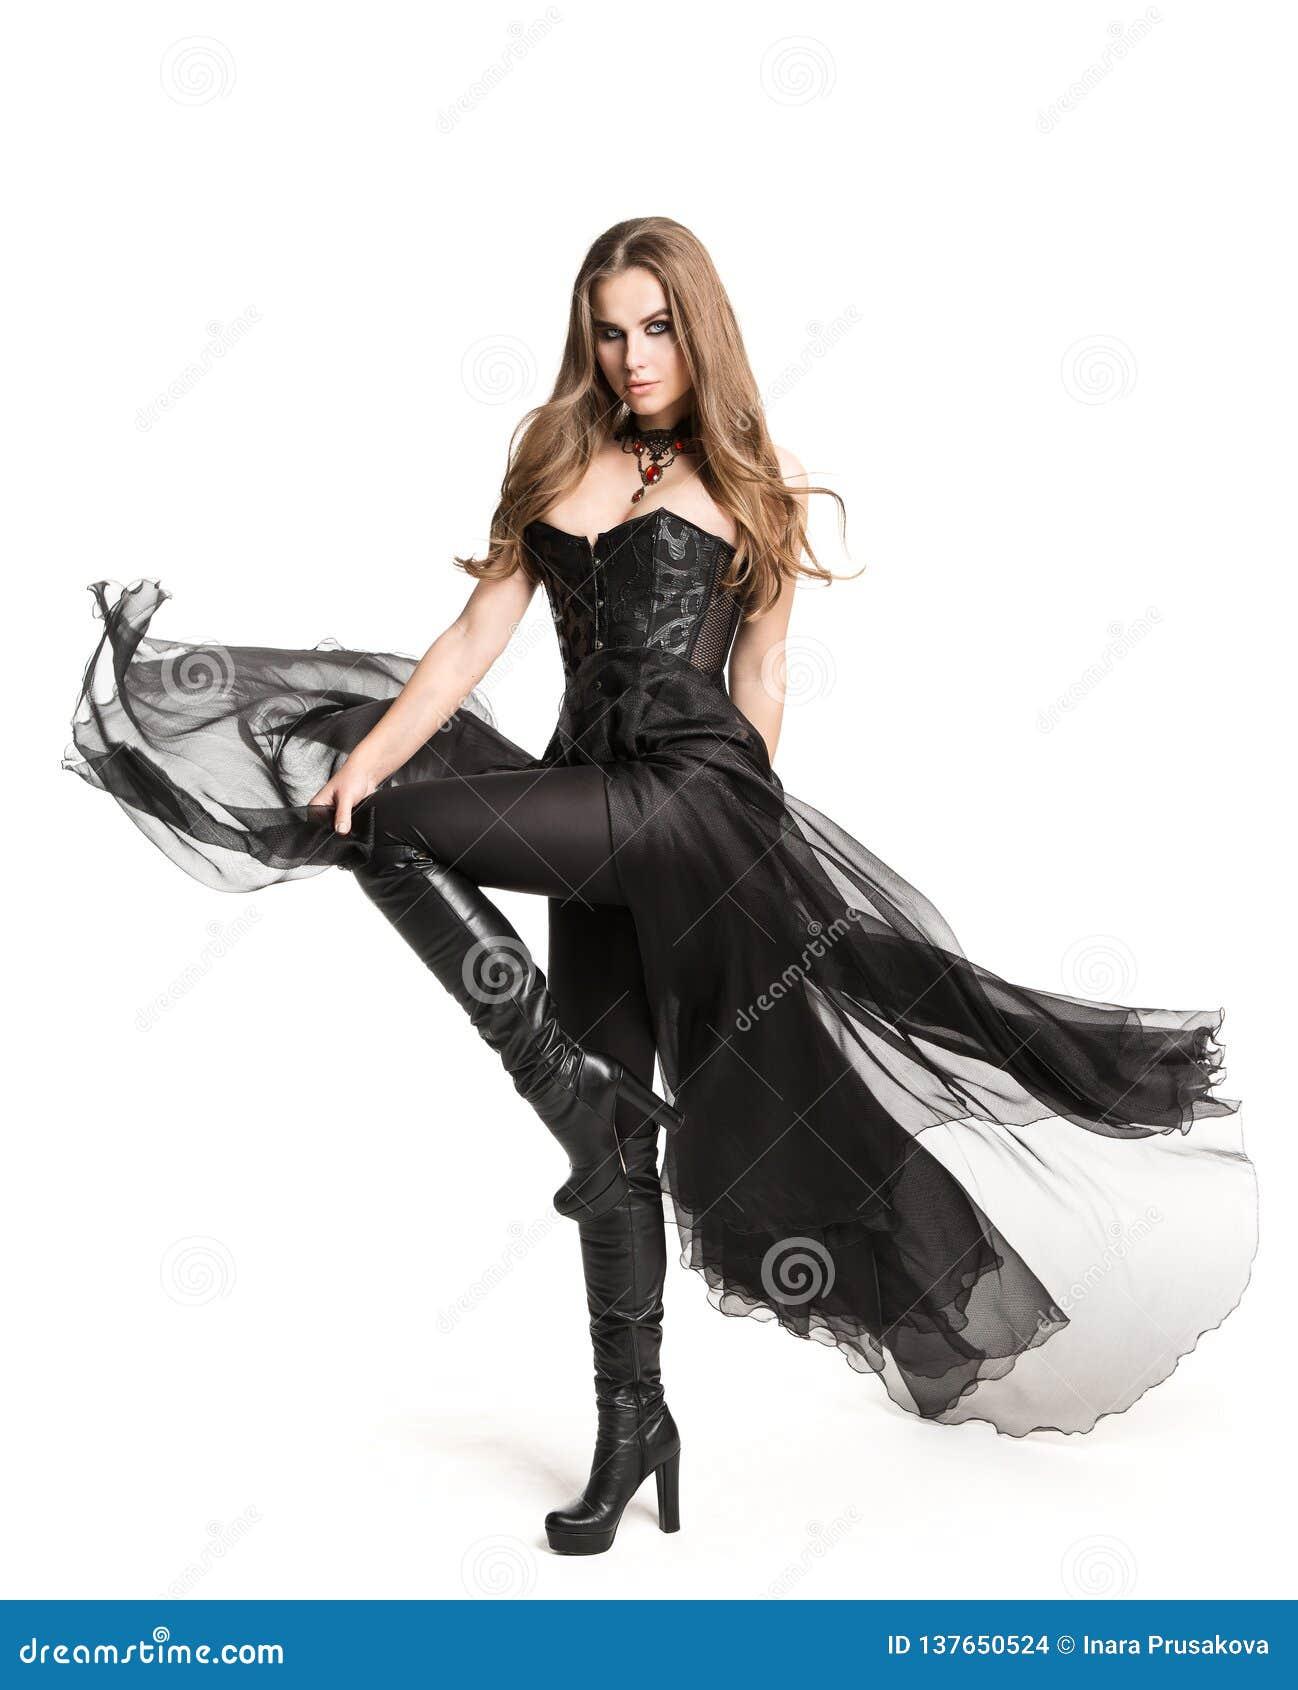 För Black Corset Dress för modemodell kängor läder, härlig kvinna i den gotiska kappan, vit